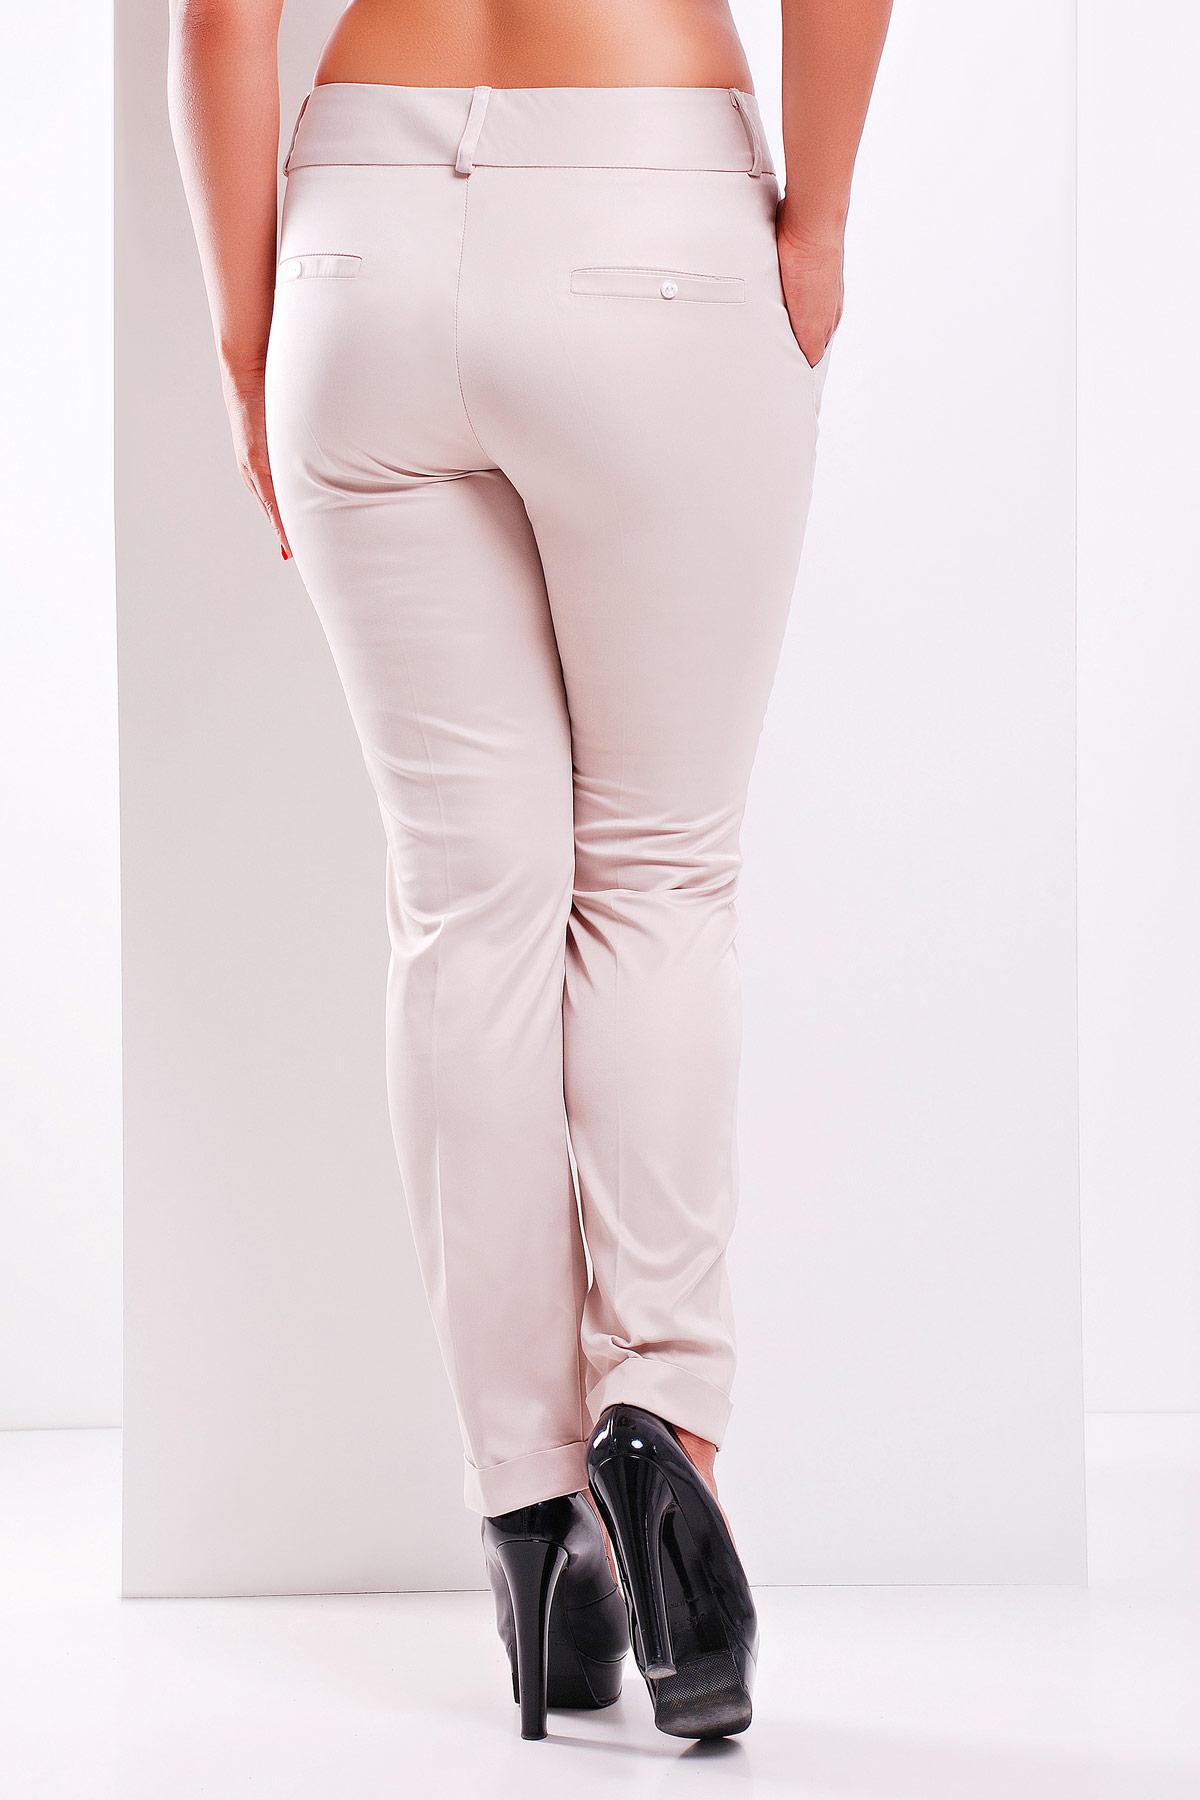 женские белые классические брюки большого размера. брюки Хилори-Б. Цвет: св. бежевый